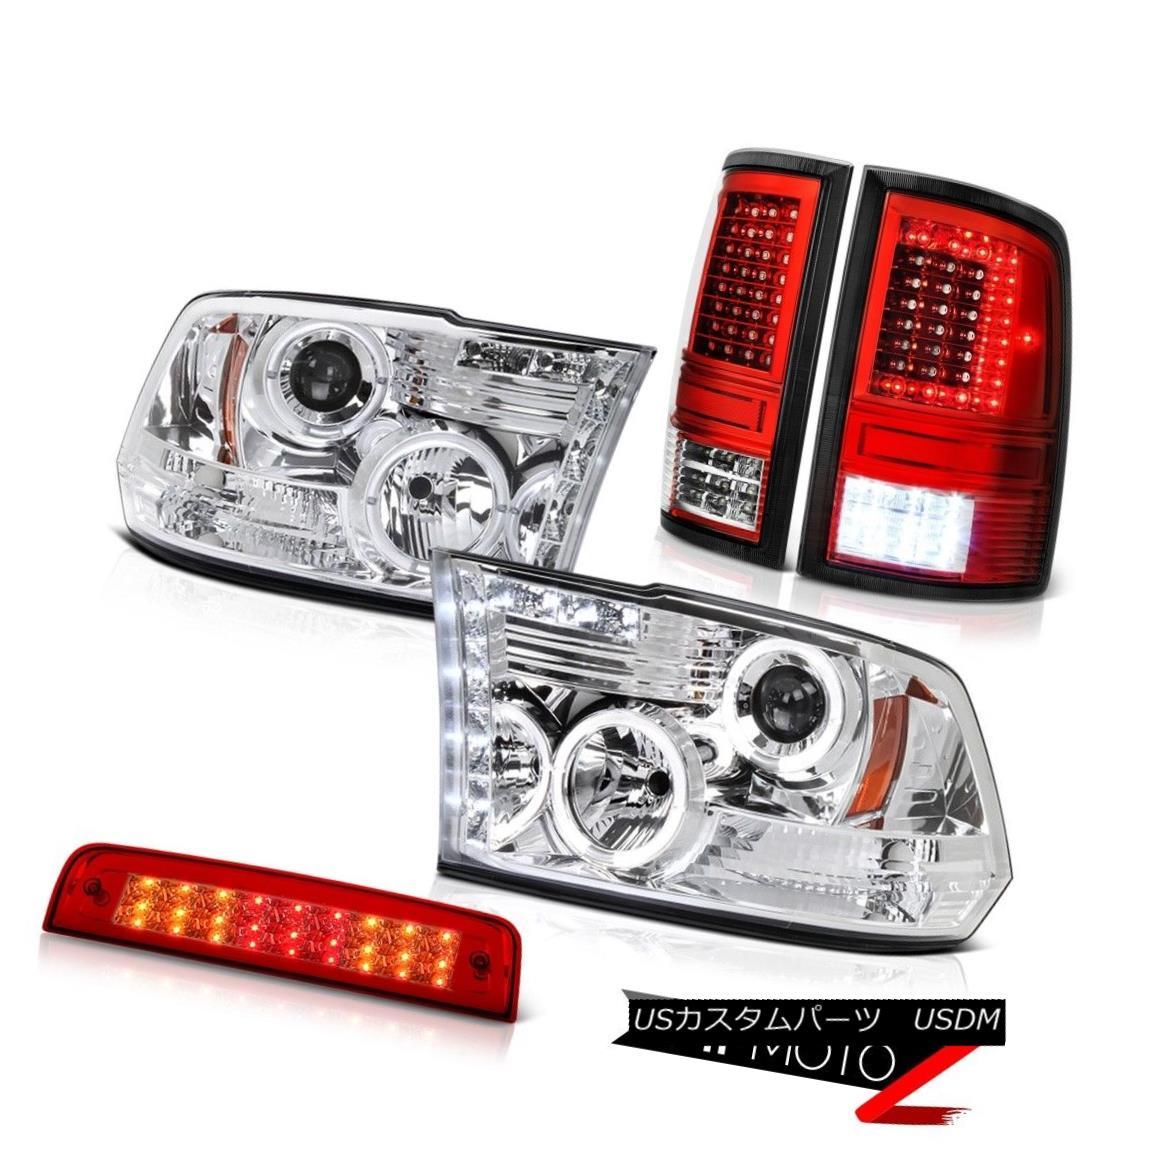 テールライト 09-14 15-18 Dodge RAM 2500 Wine Red Tail Lights 3rd Brake Chrome Headlight SET 09-14 15-18ダッジRAM 2500ワインレッドテールライト3rdブレーキクロームヘッドライトSET